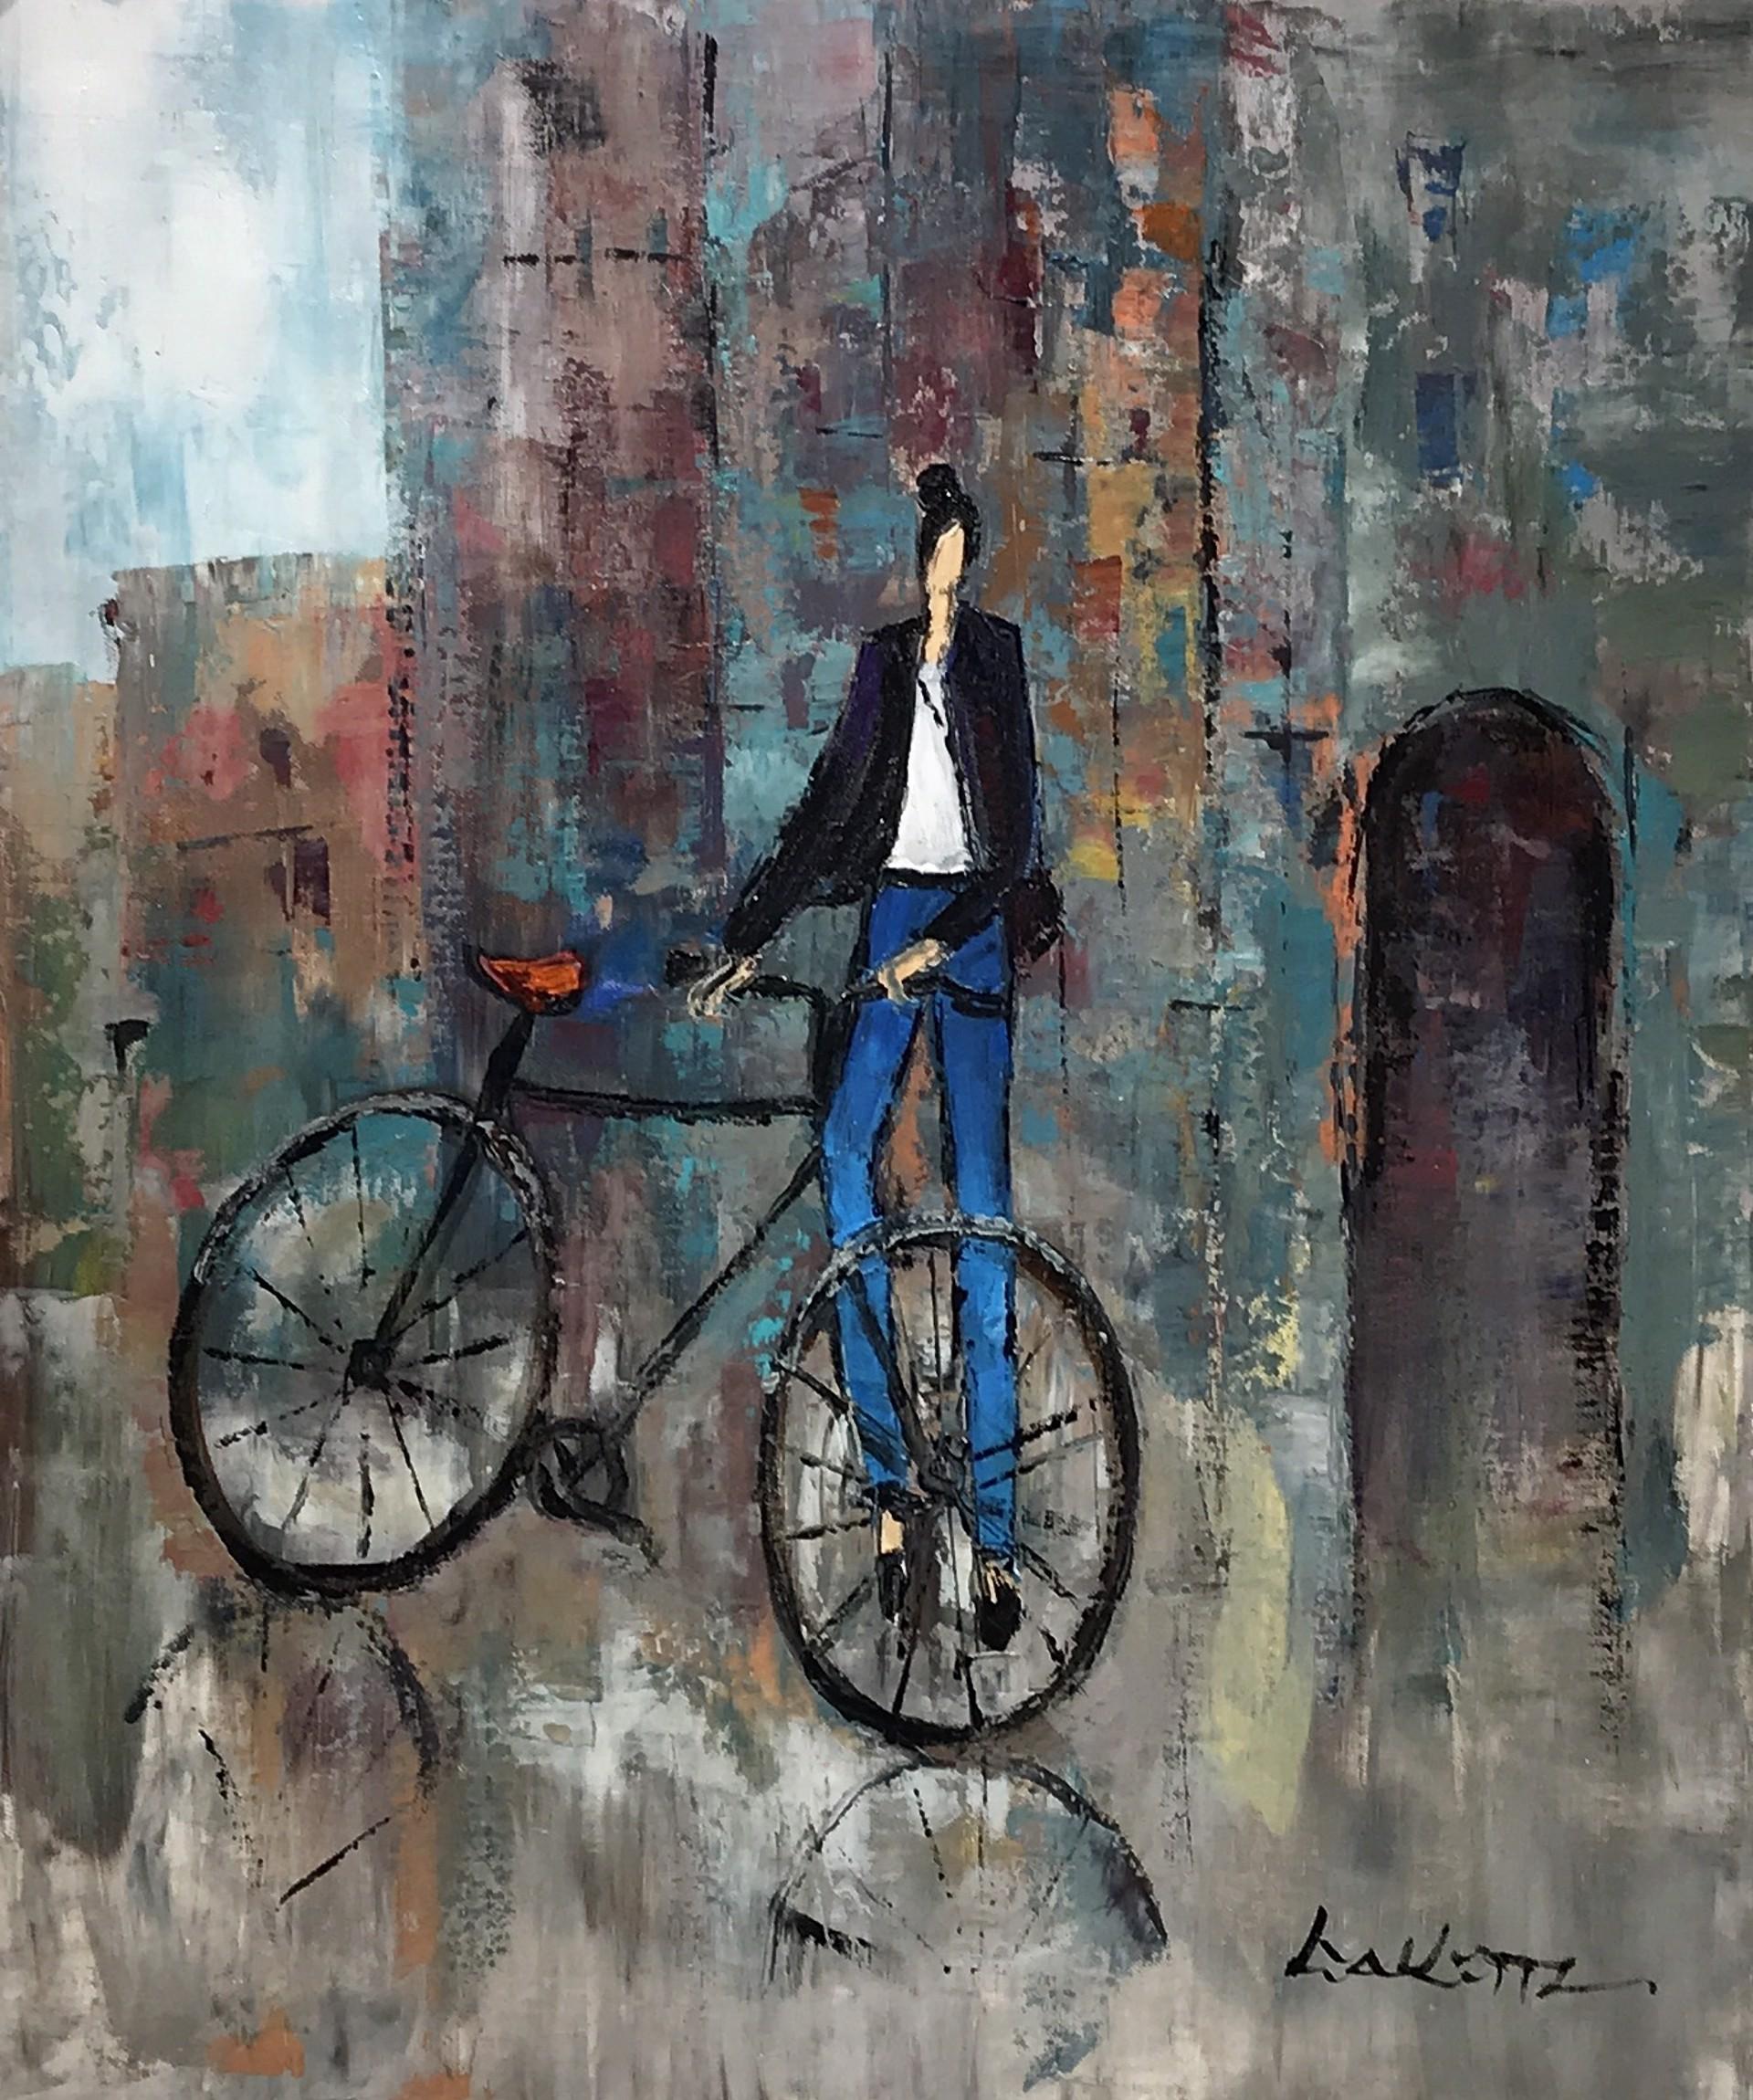 CYCLIST IN DENIM AND DARK JACKET by LIA KIM